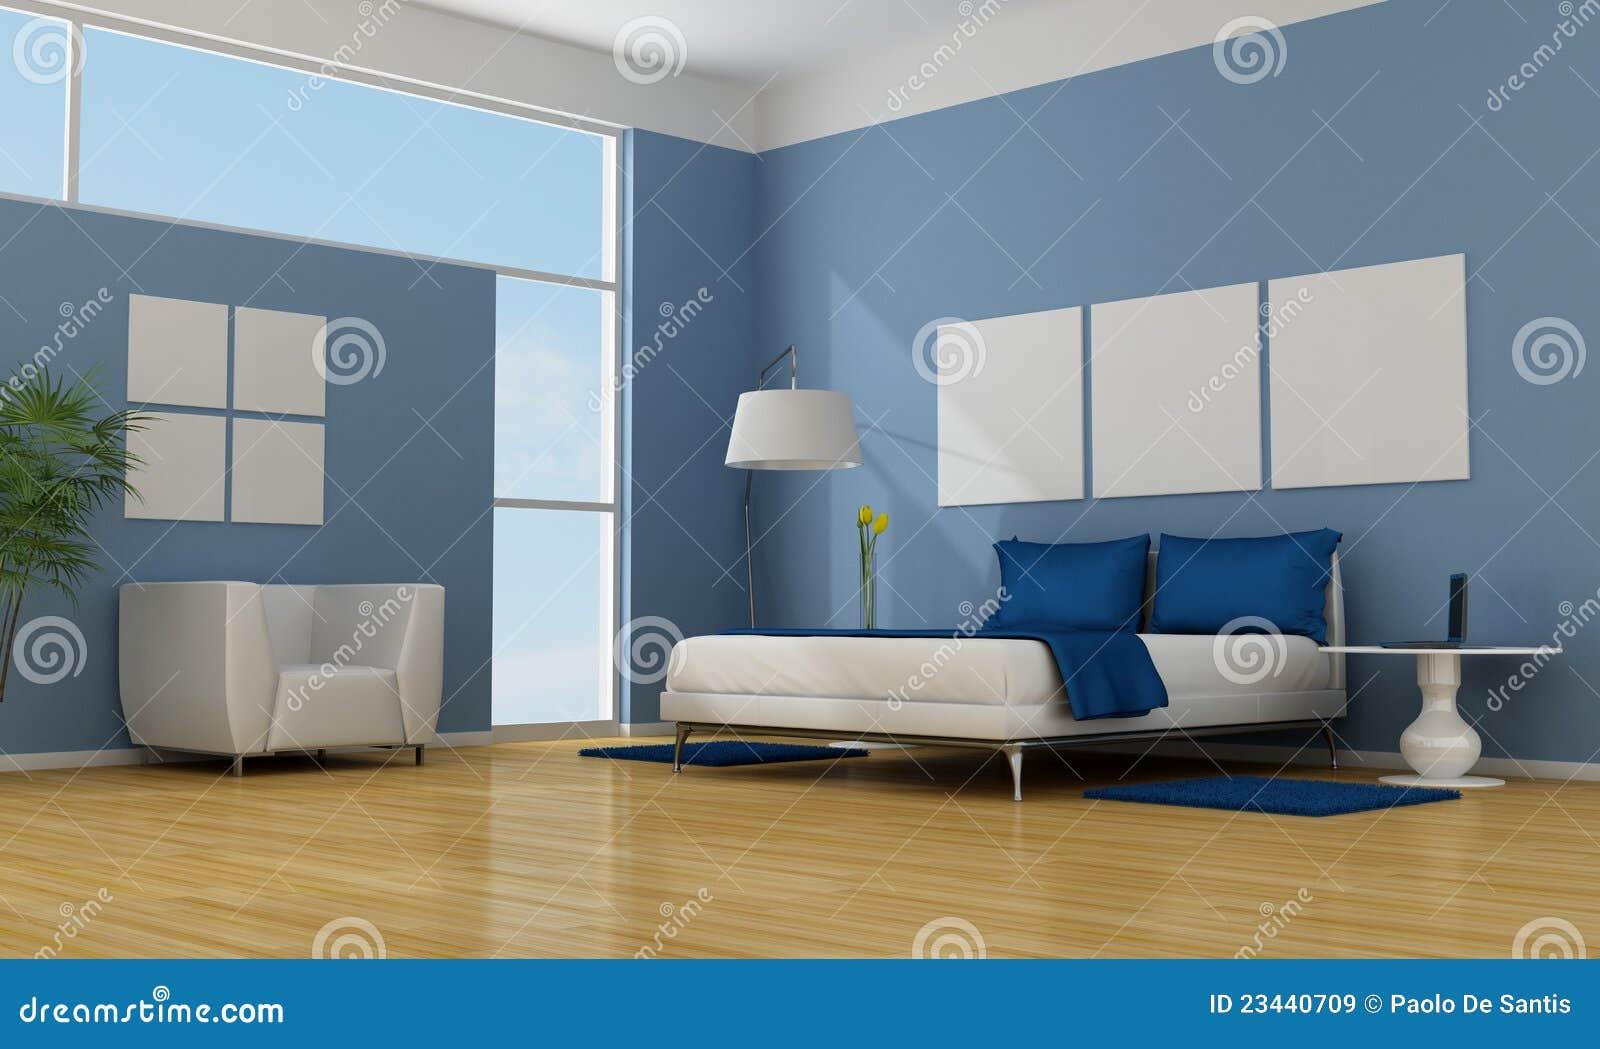 Blaues Schlafzimmer stock abbildung. Illustration von betrieb - 23440709